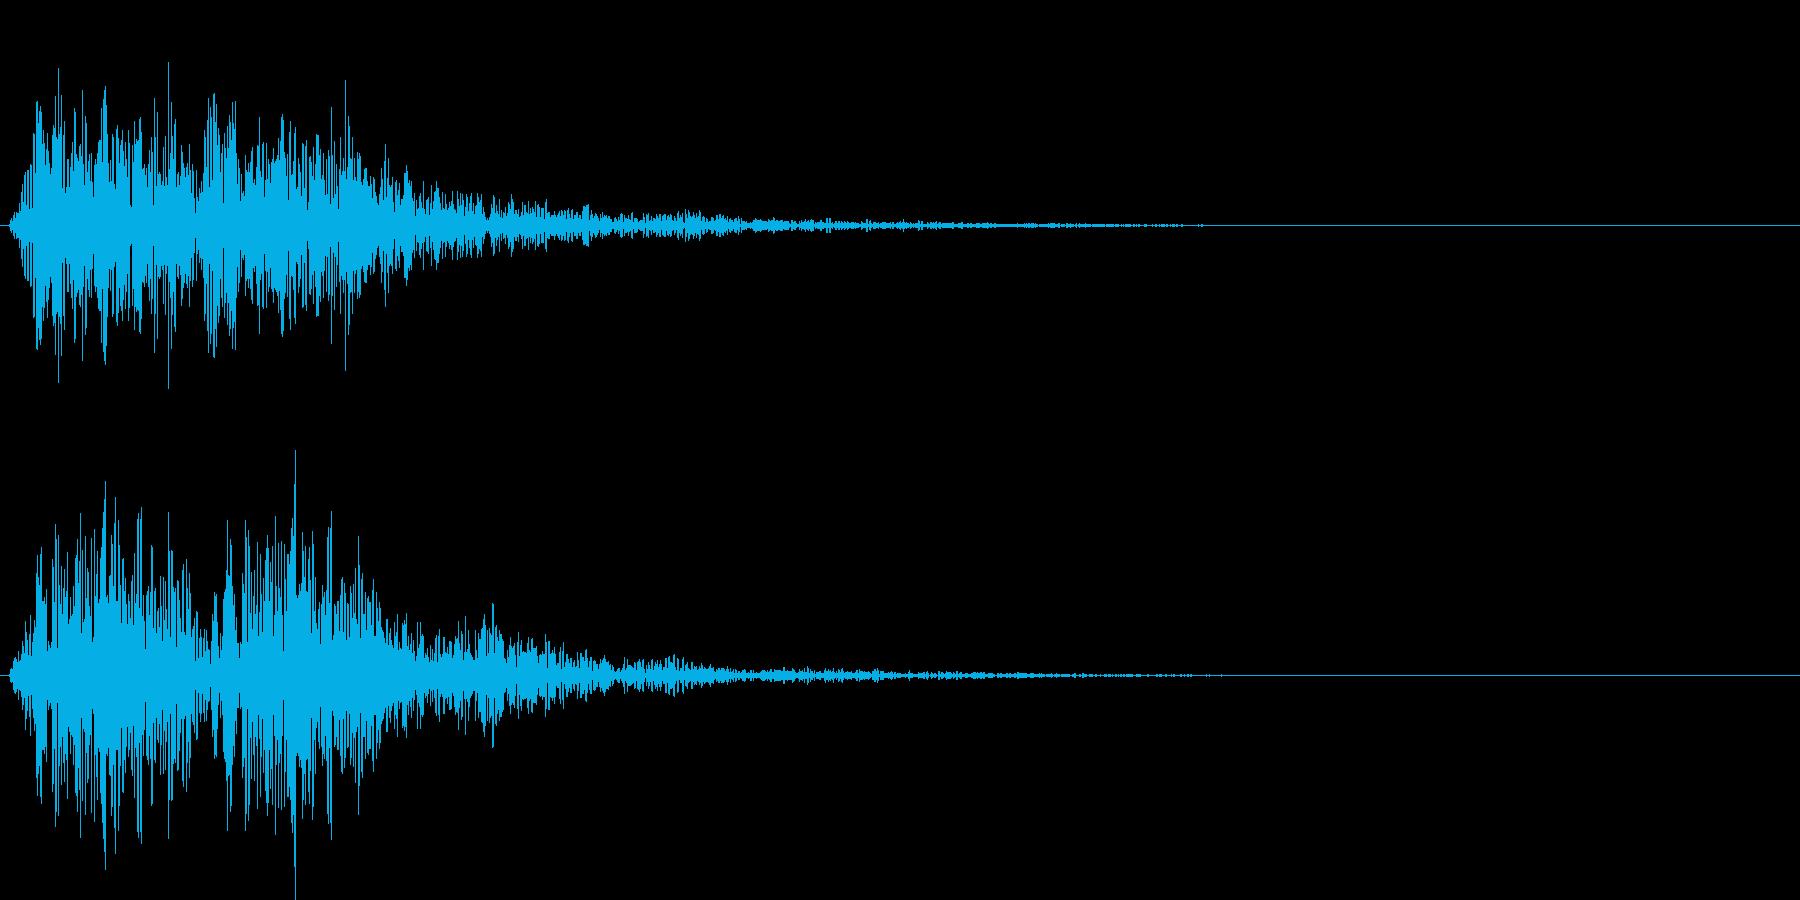 ボワンボワン(敵の群れ出現)の再生済みの波形